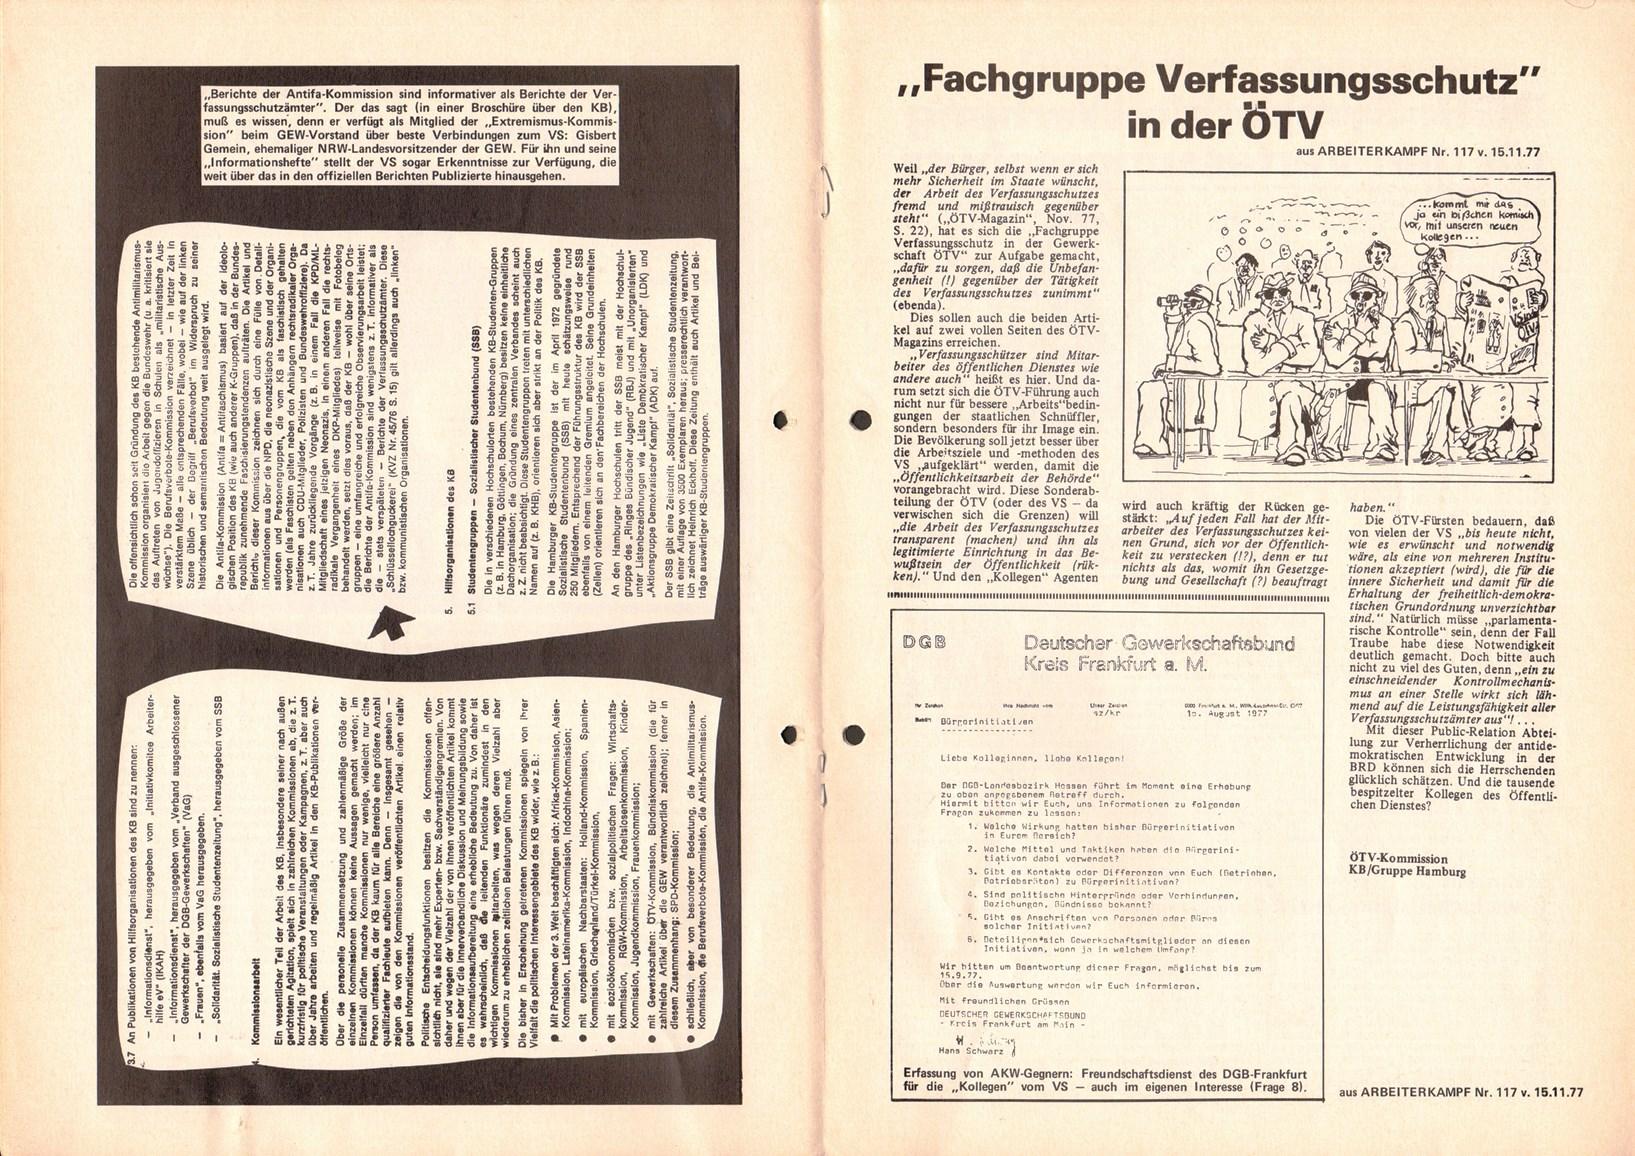 KB_Anti_Repressionsinfo_04_1978_07